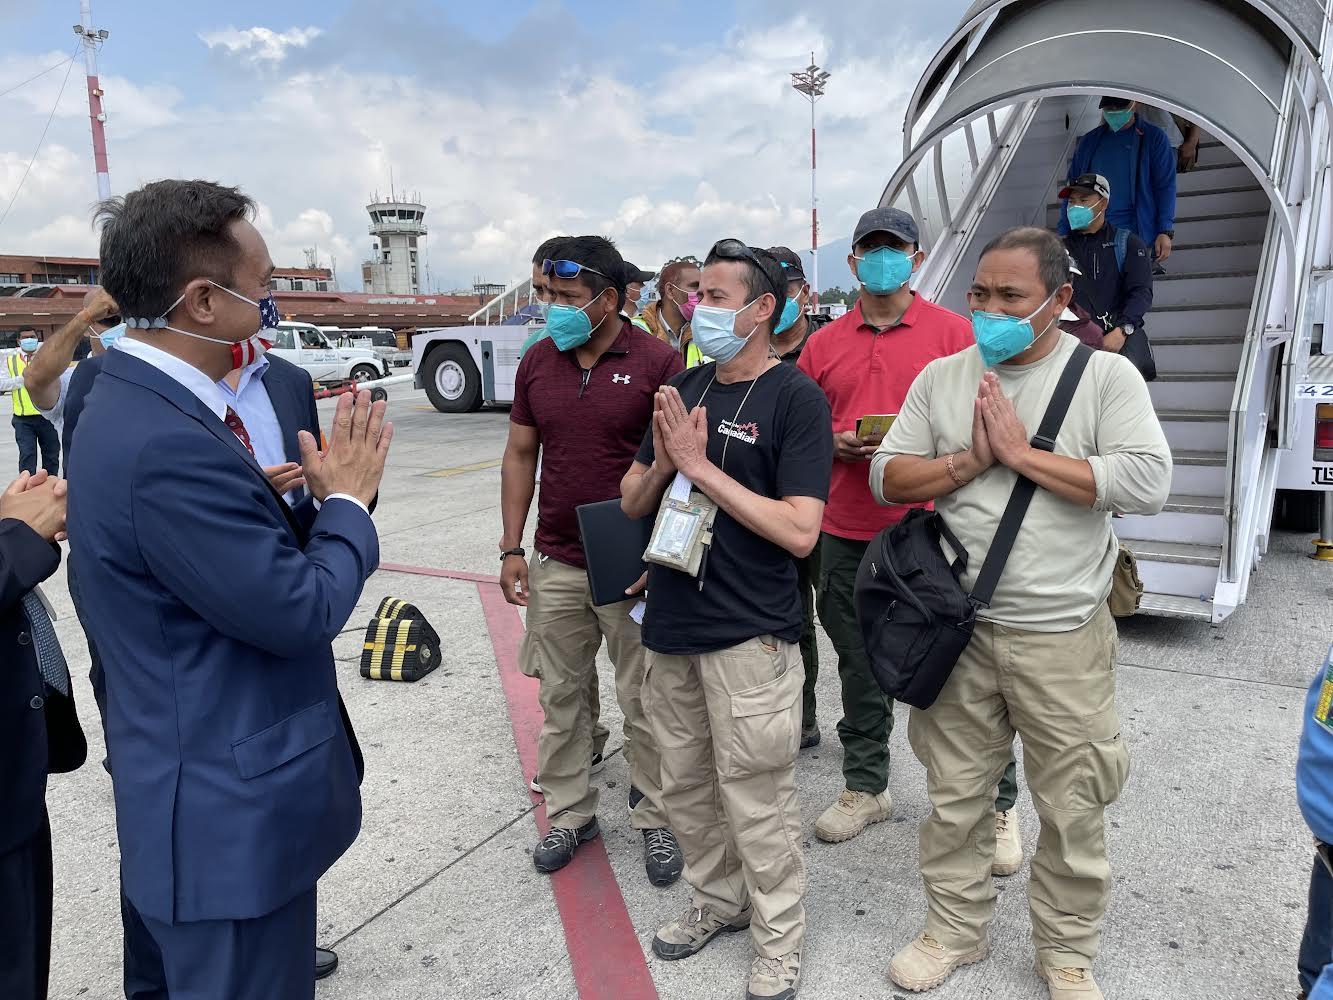 काबुलबाट ११८ नेपाली काठमाडौं आइपुगे